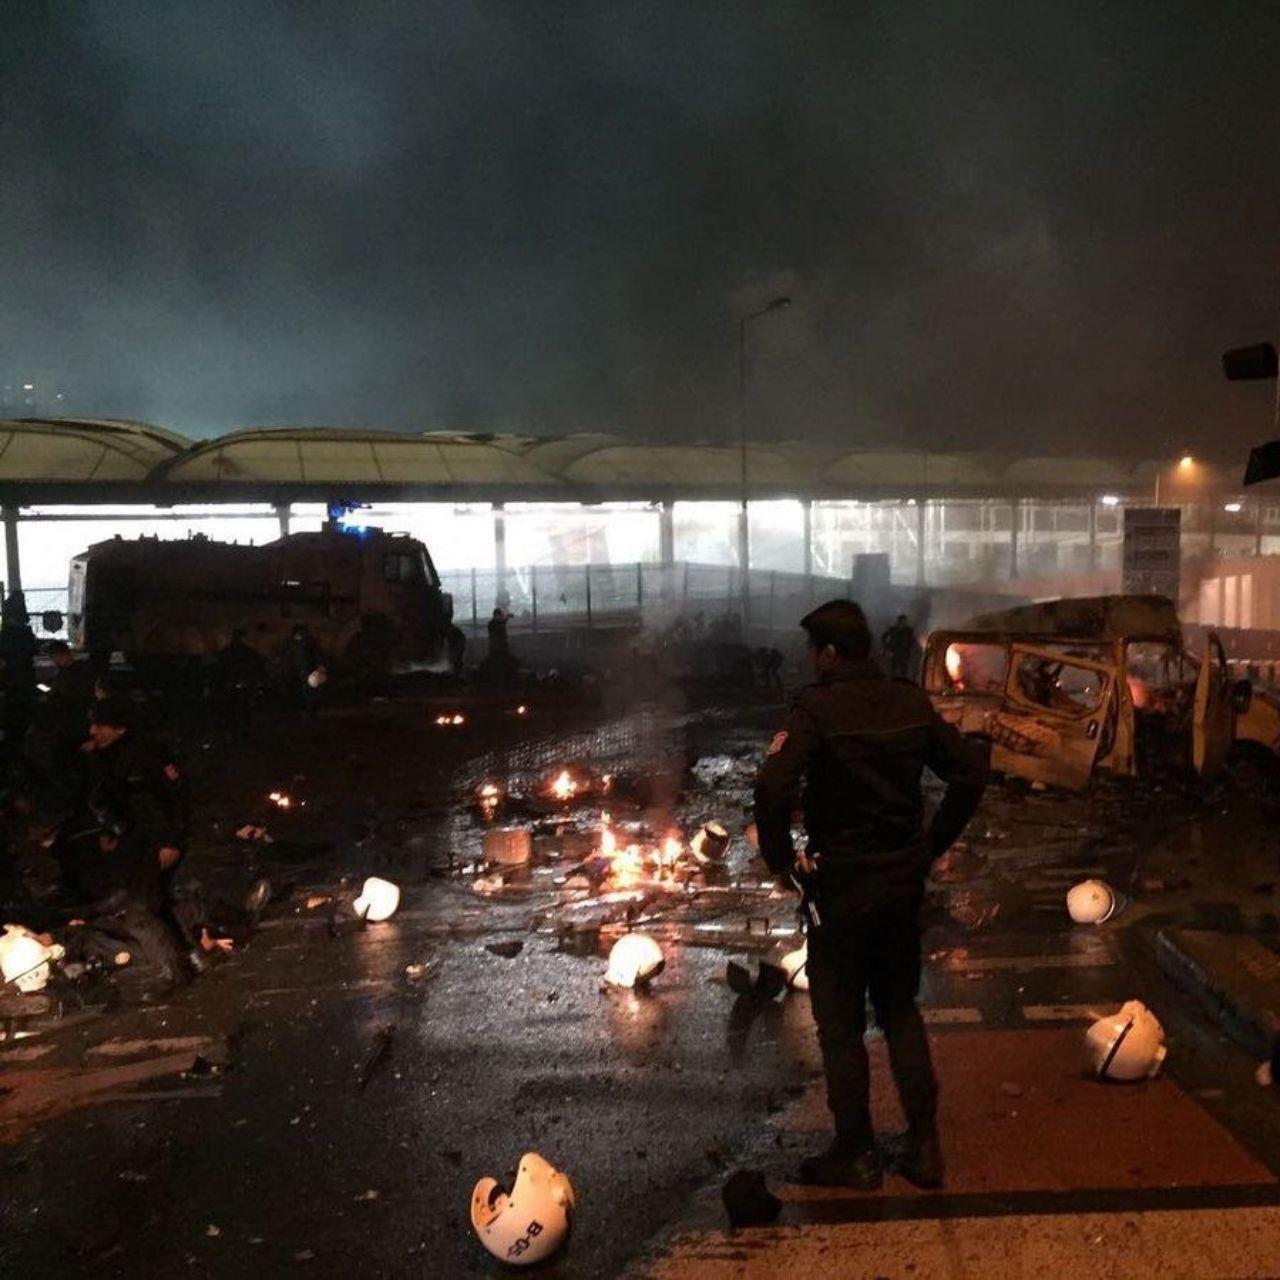 انفجار ترکیه اسلحه سازی - حریق فابریکه اسلحه سازی در آنکارا